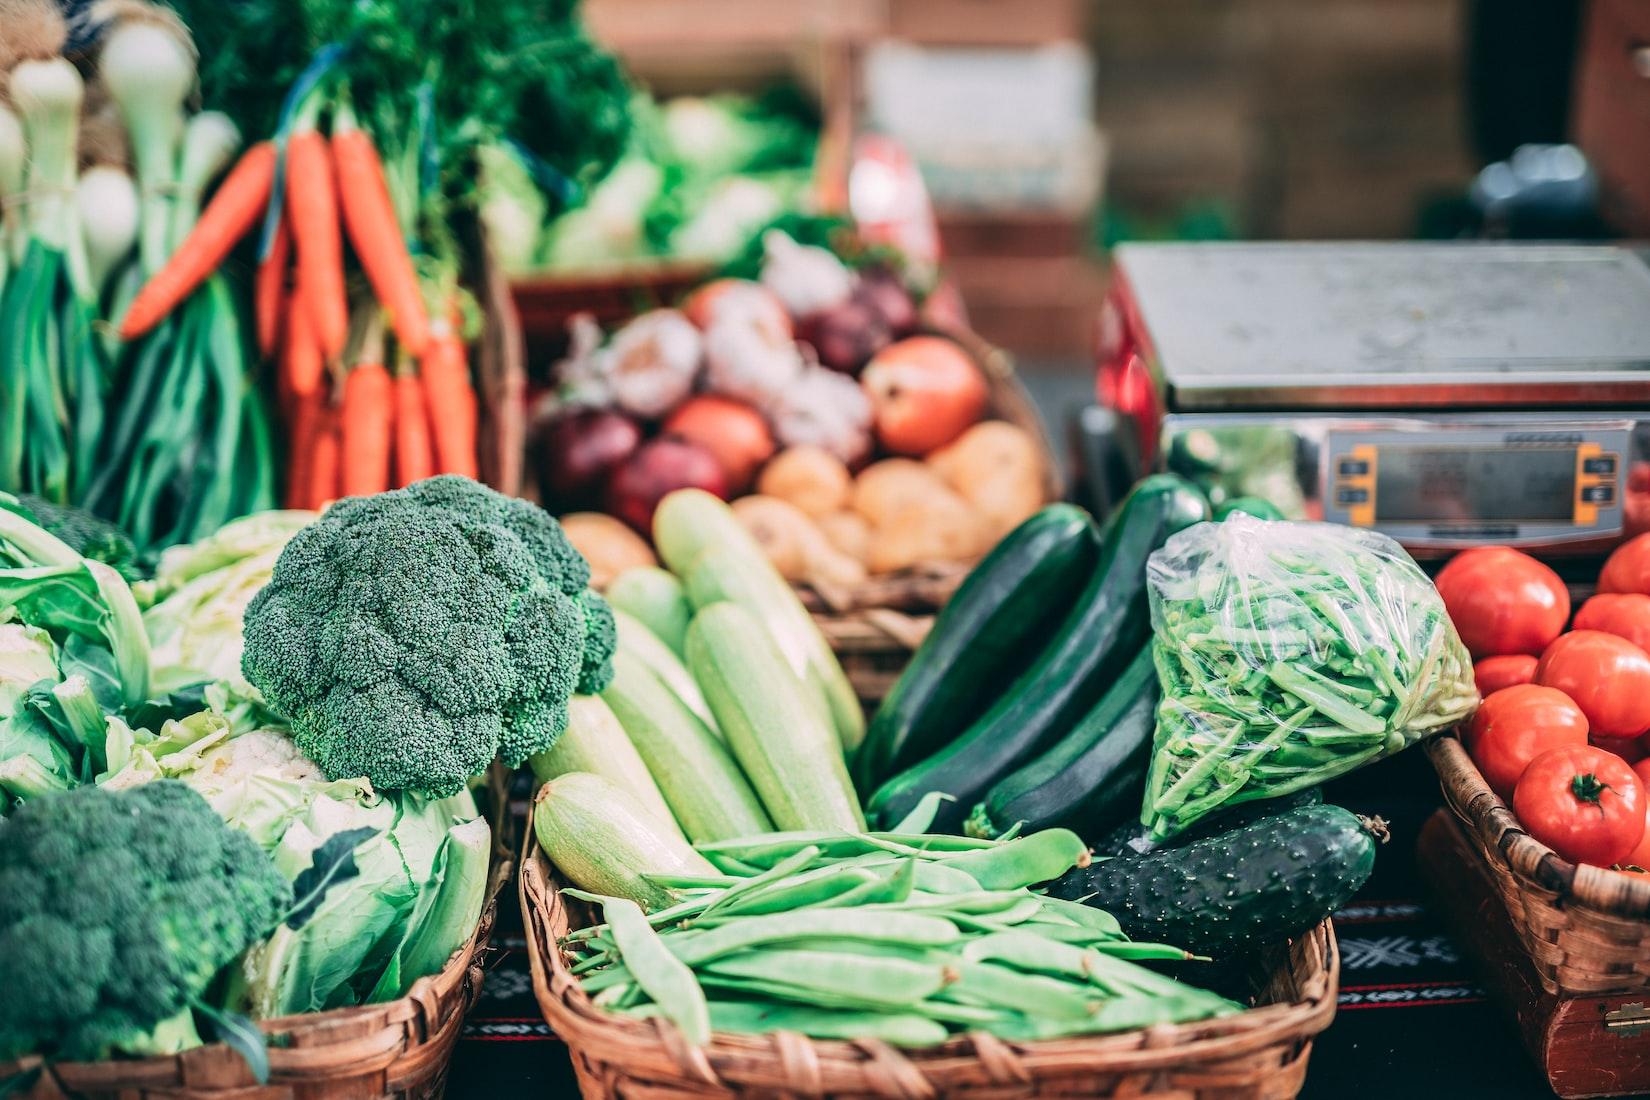 mejores ideas para ahorrar dinero en comida